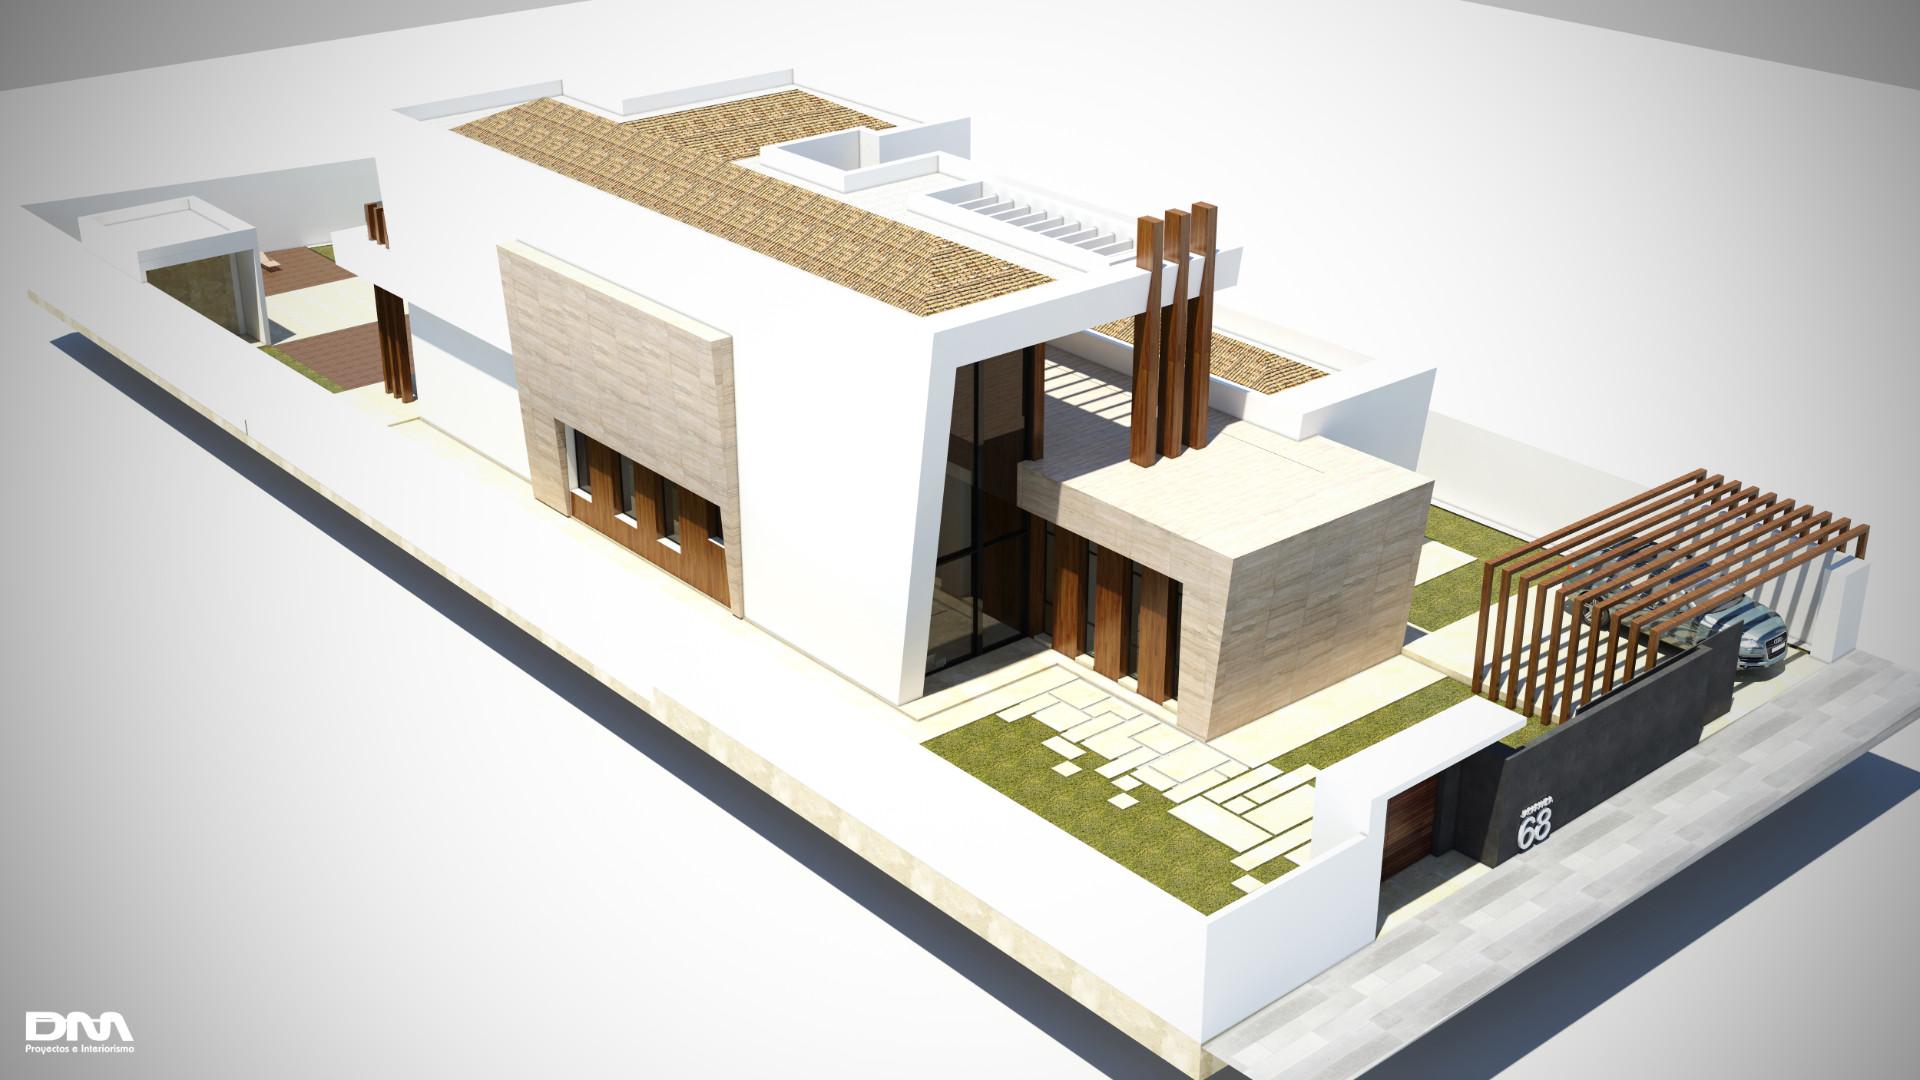 proyectos-interiorismo-interioristas-diseno-interiores-viviendas-particulares-chalets-adosados-lujo-08